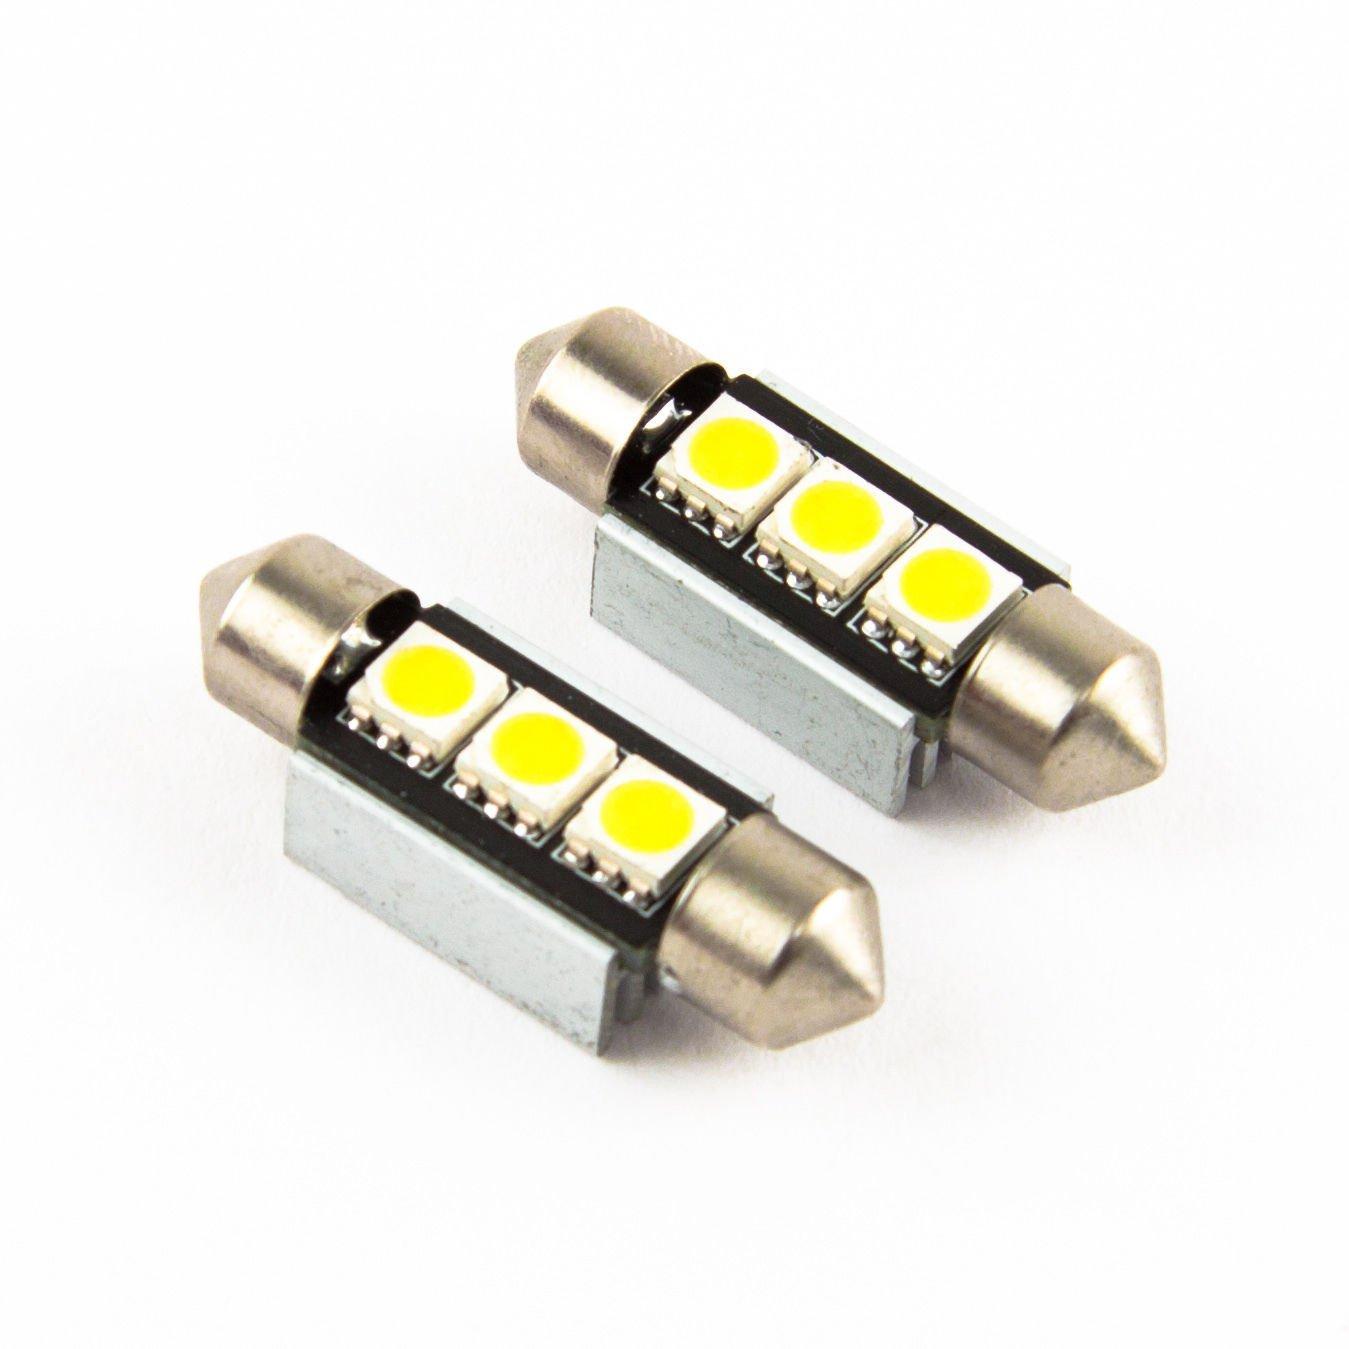 Iluminación LED multichip para matrícula (36 mm), color blanco: Amazon.es: Coche y moto